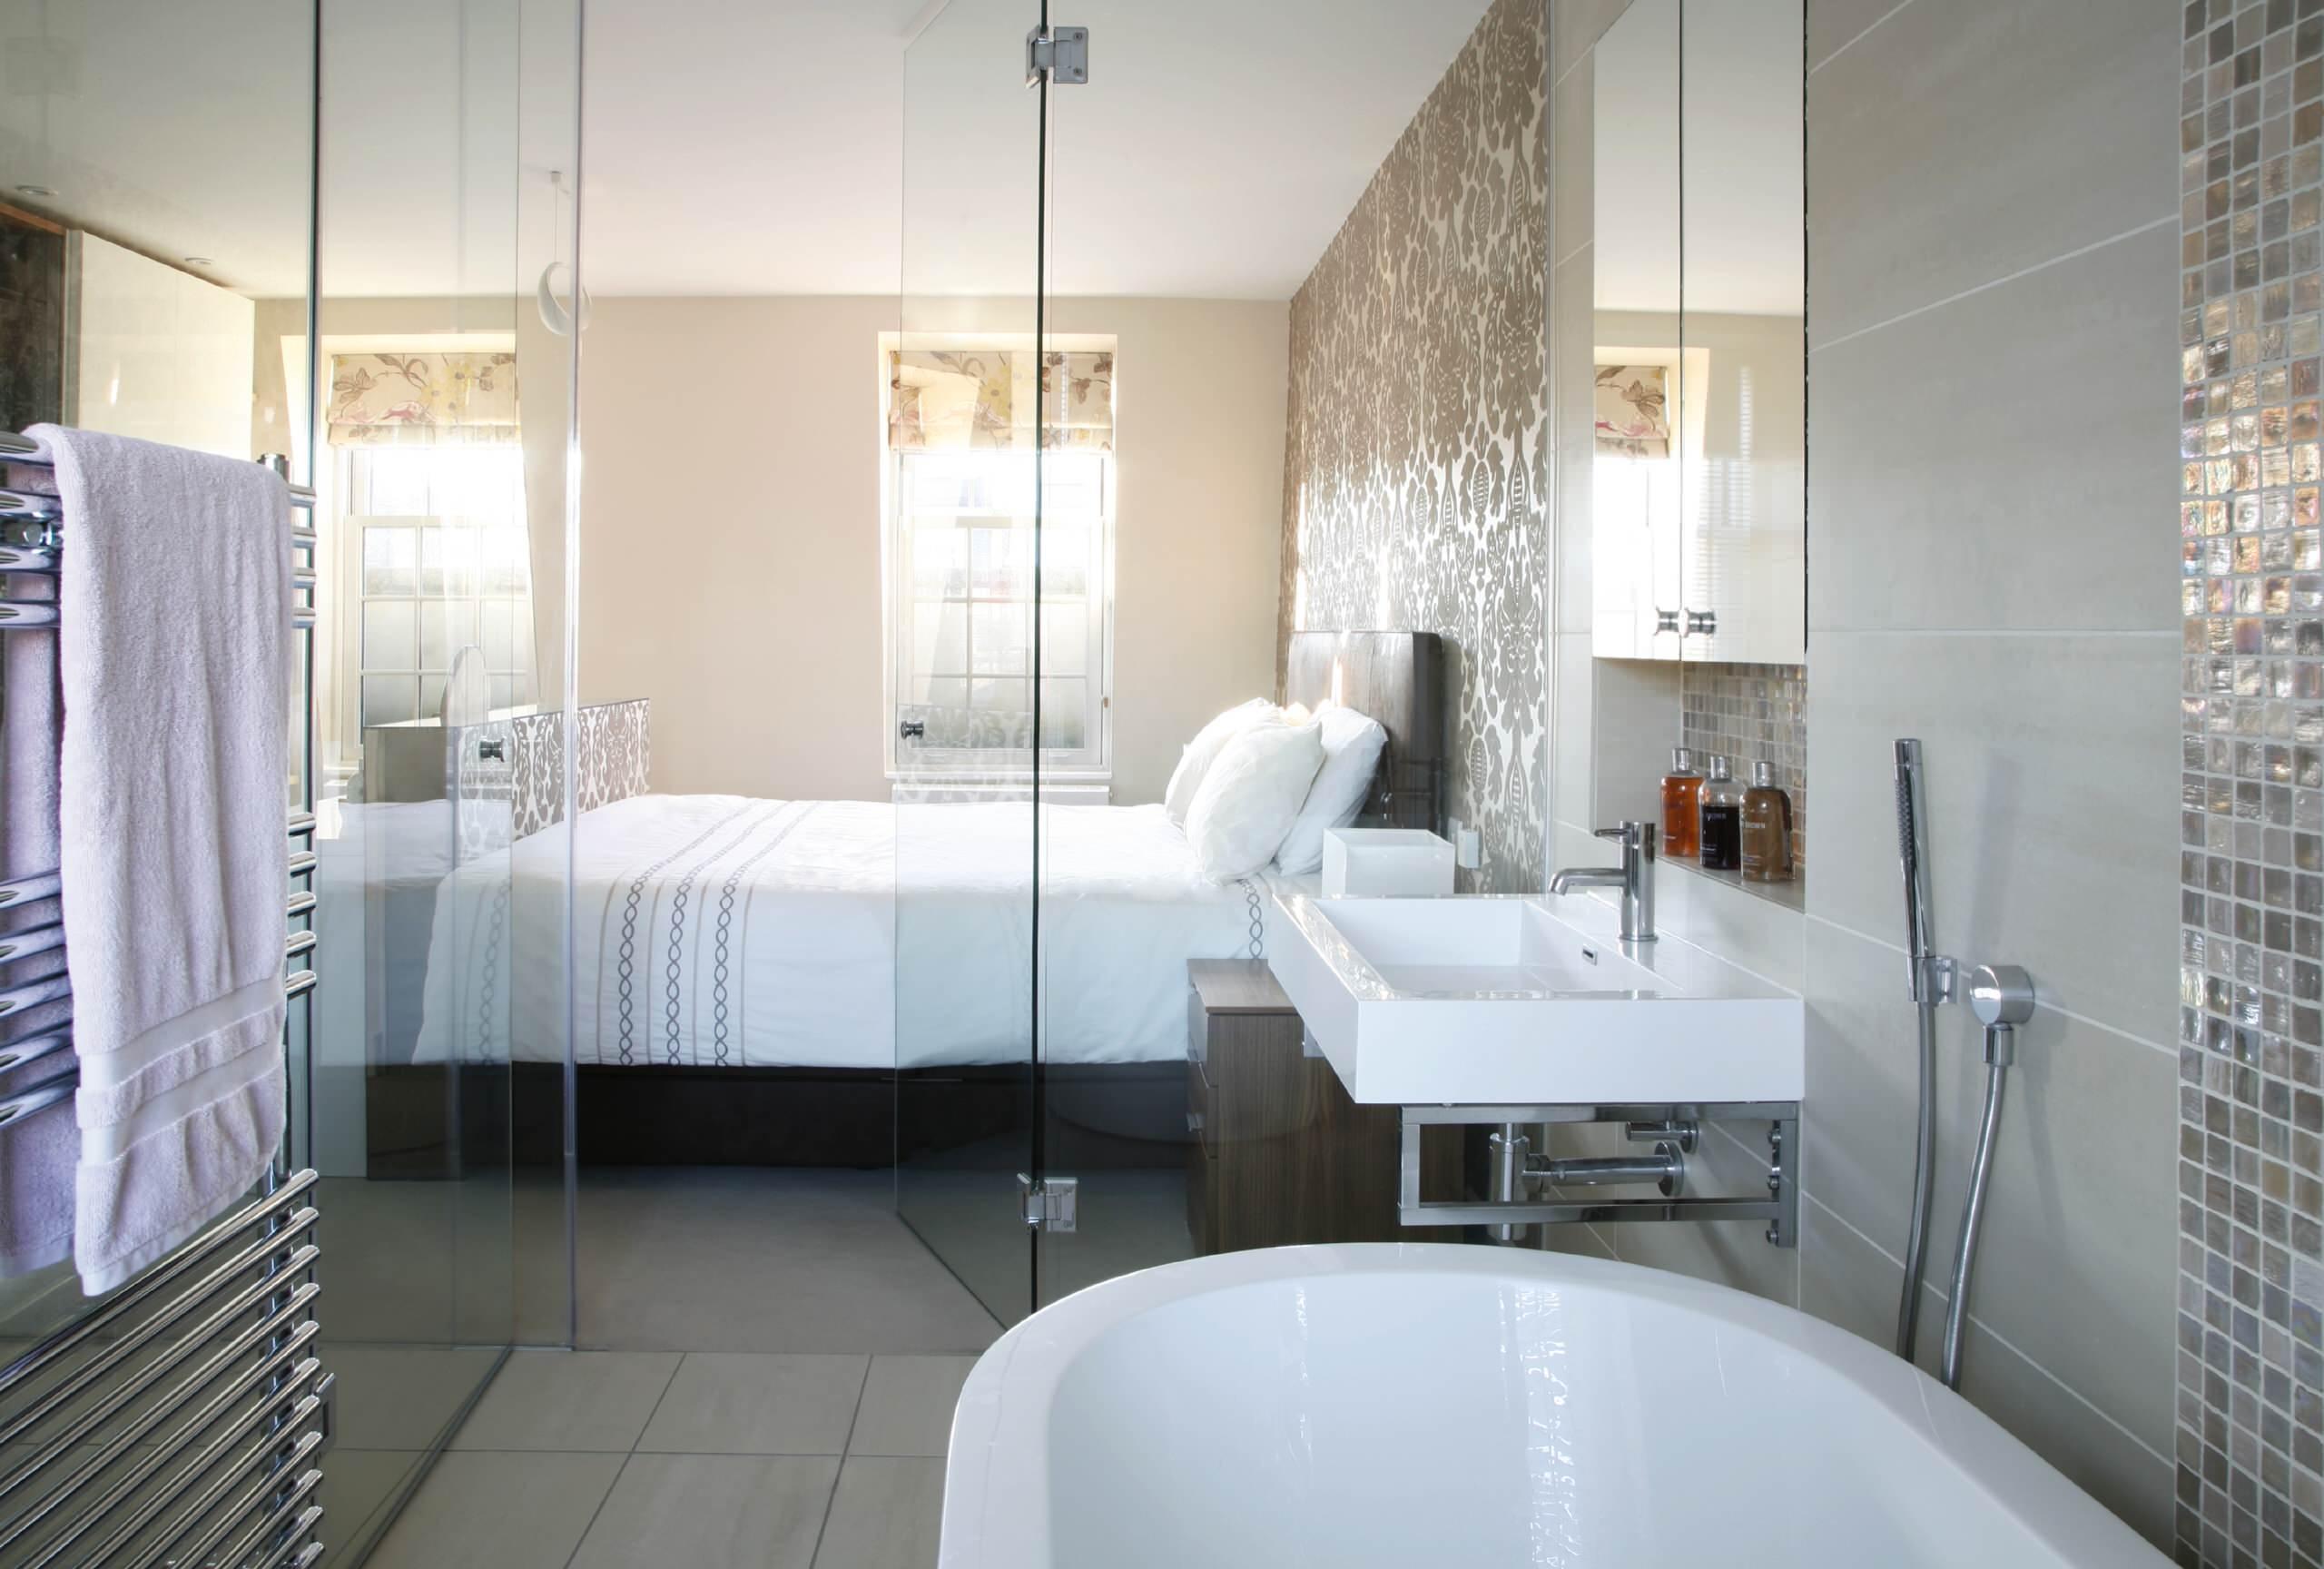 С помощью стеклянных дверей и перегородок вы легко сможете разделить на зоны пространство вашего дома